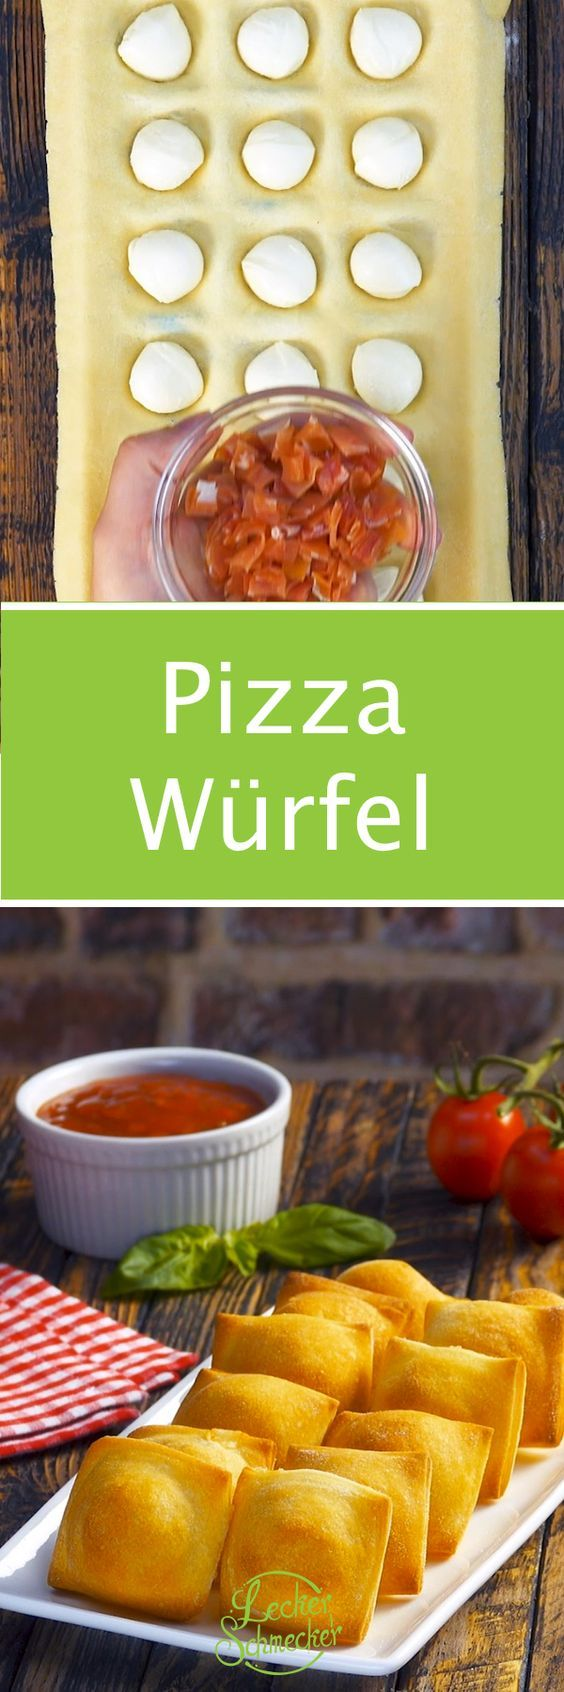 Drücke Pizzateig in Eiswürfelform und backe bei 180°C. Wow! #pizzateig